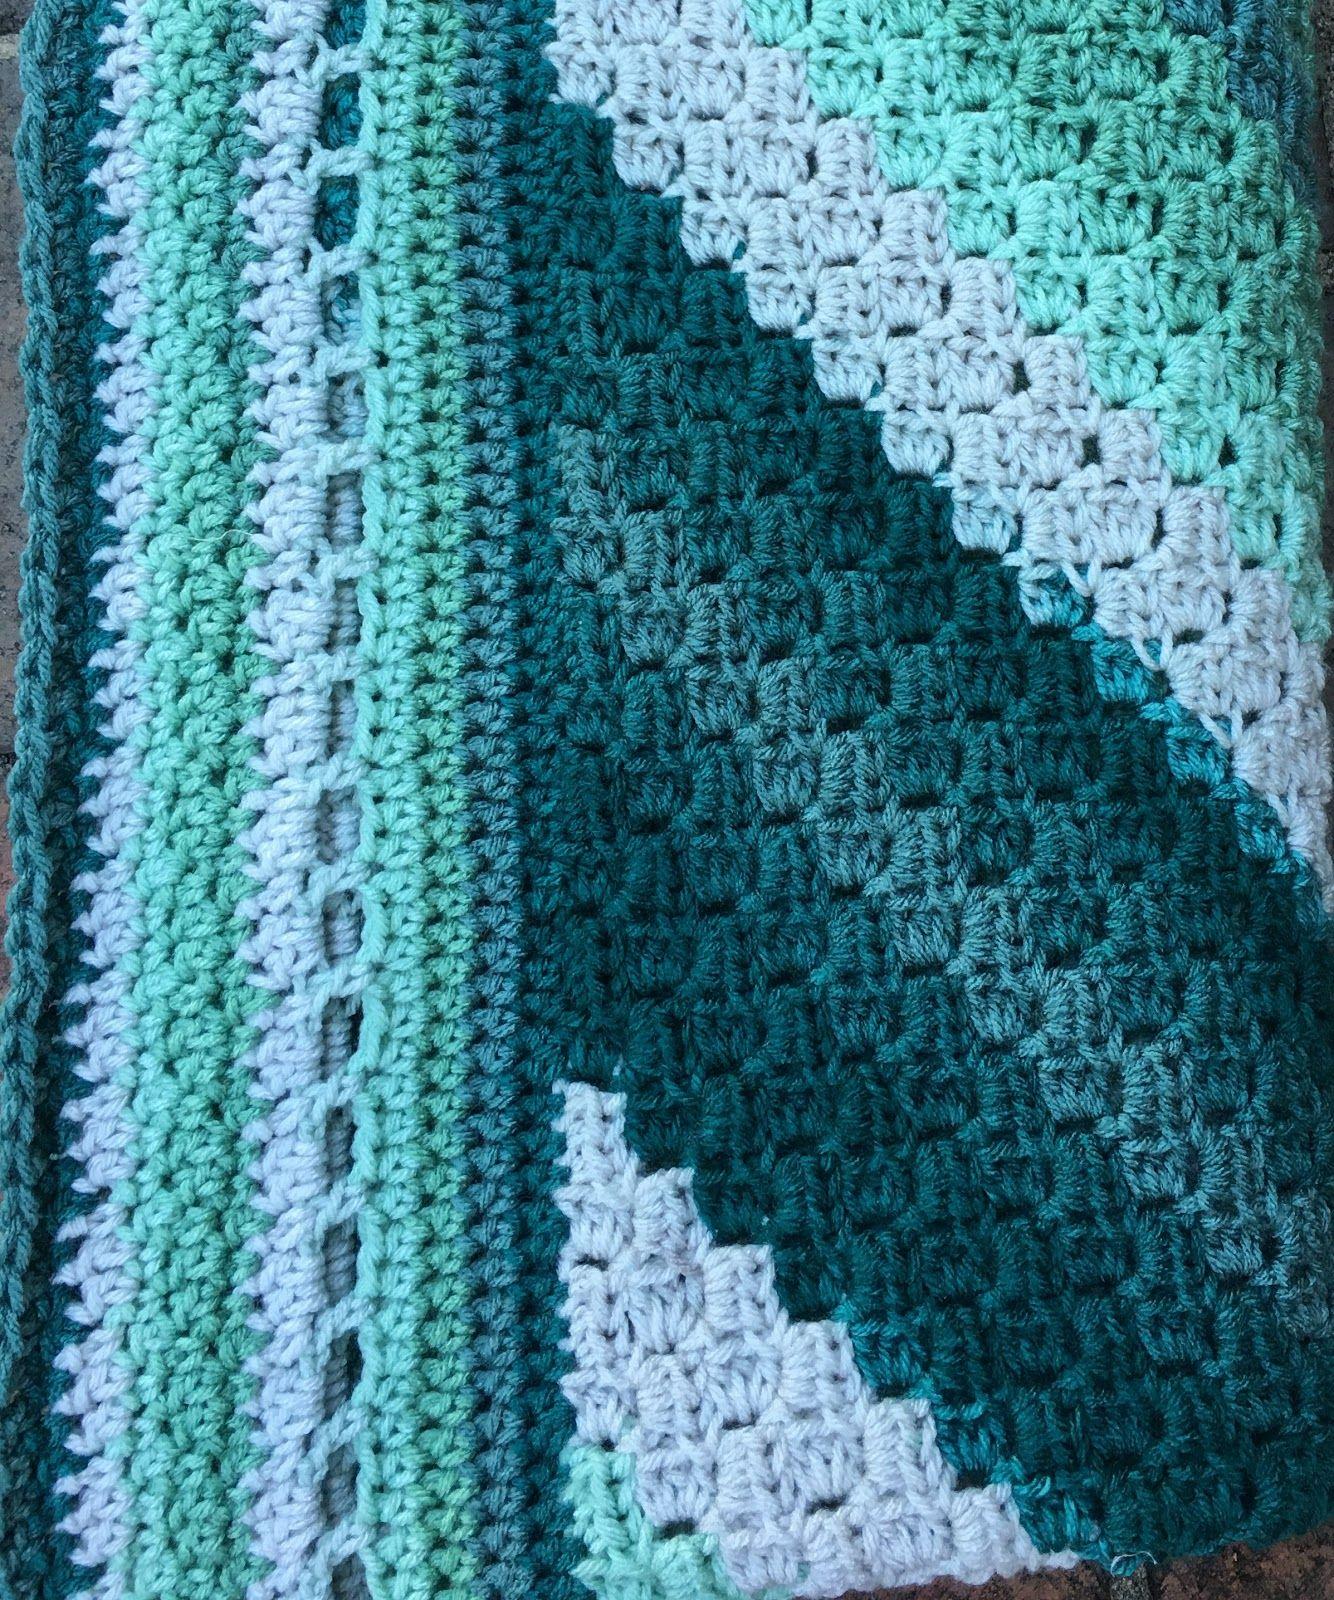 Forestry c2c blanket blanket yarn bee crochet squares